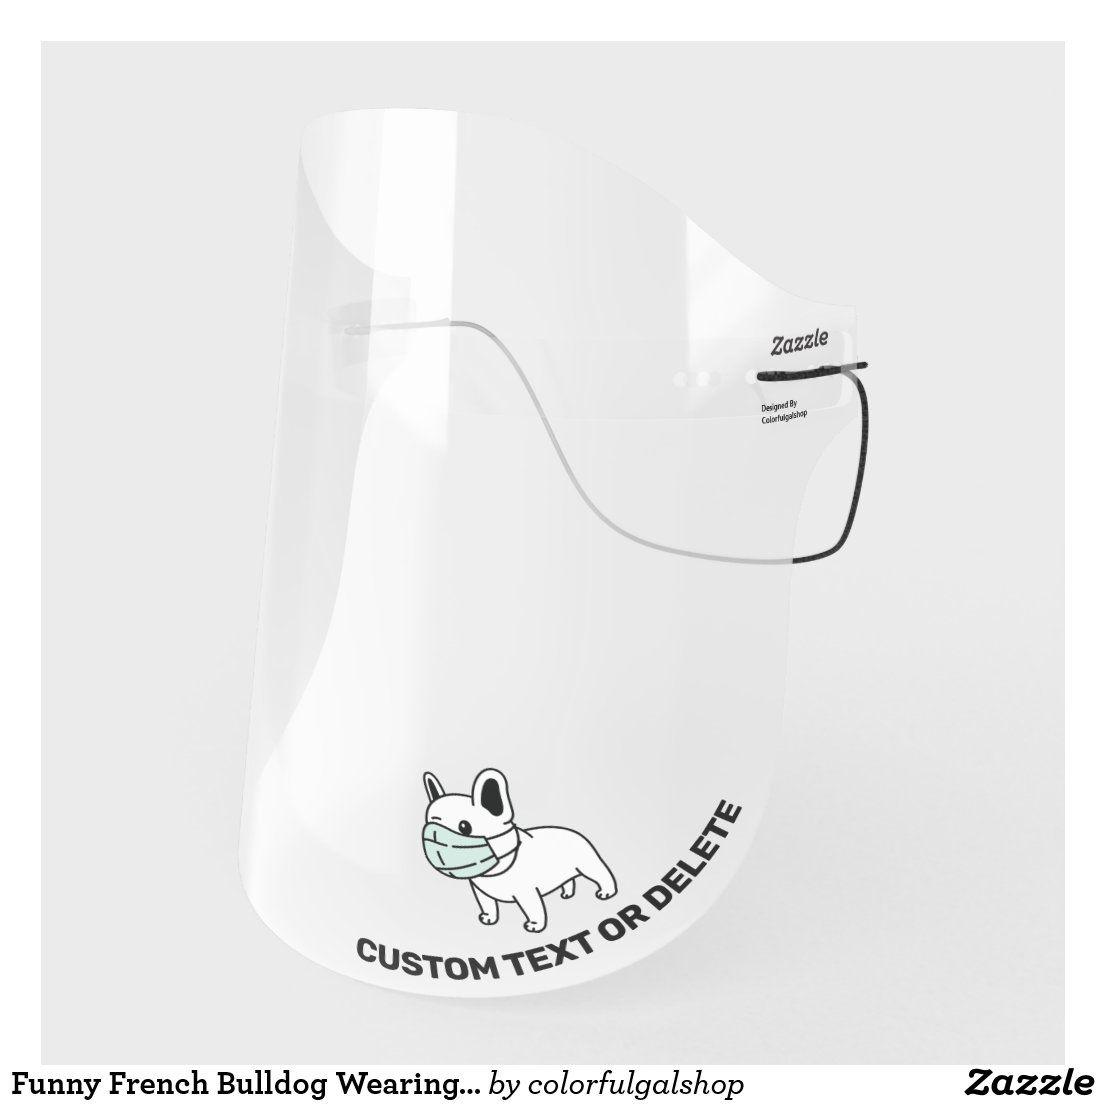 Funny French Bulldog Wearing Face Mask Custom Text Zazzle Com In 2020 French Bulldog Funny Face Mask Bulldog